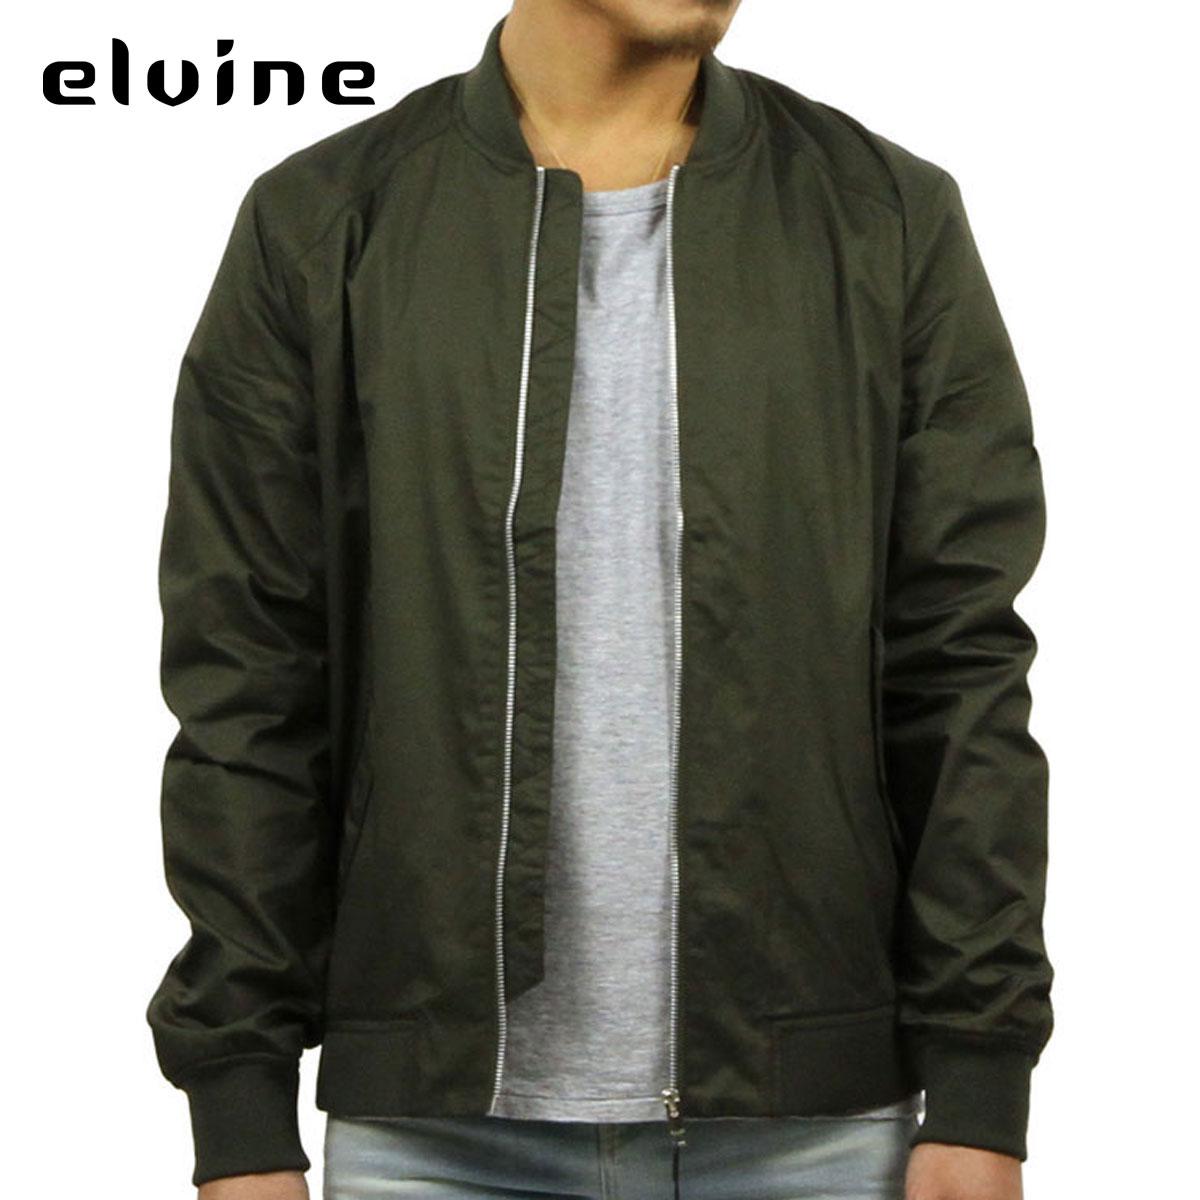 エルバイン elvine 正規販売店 メンズ MA-1 MA-1 BOMBER JACKET DK OLIVE 1027 128 D00S15